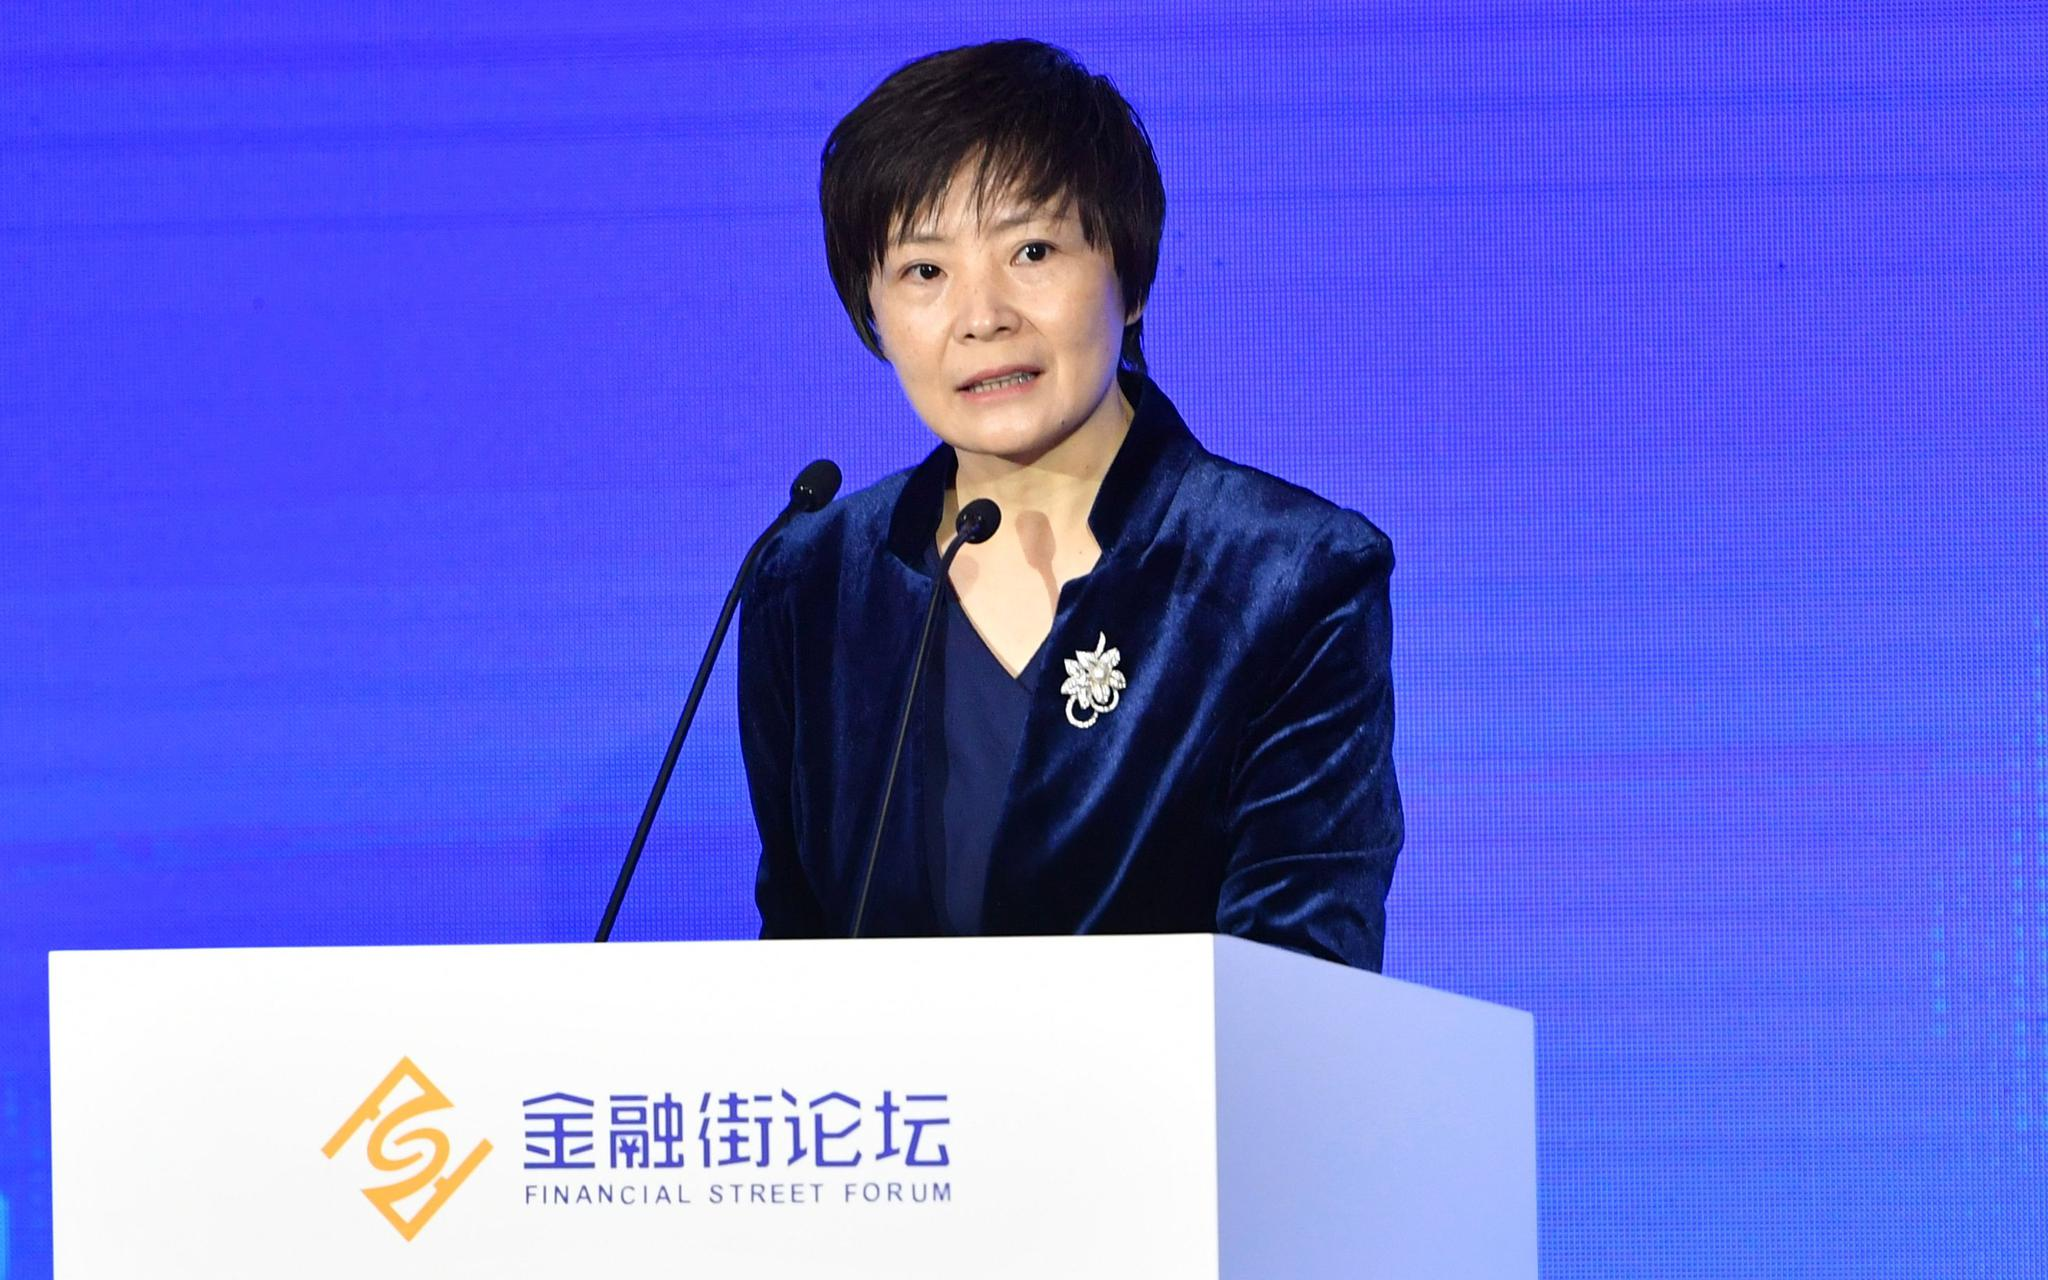 证监会高莉:将进一步支持北京开展金融科技创新图片